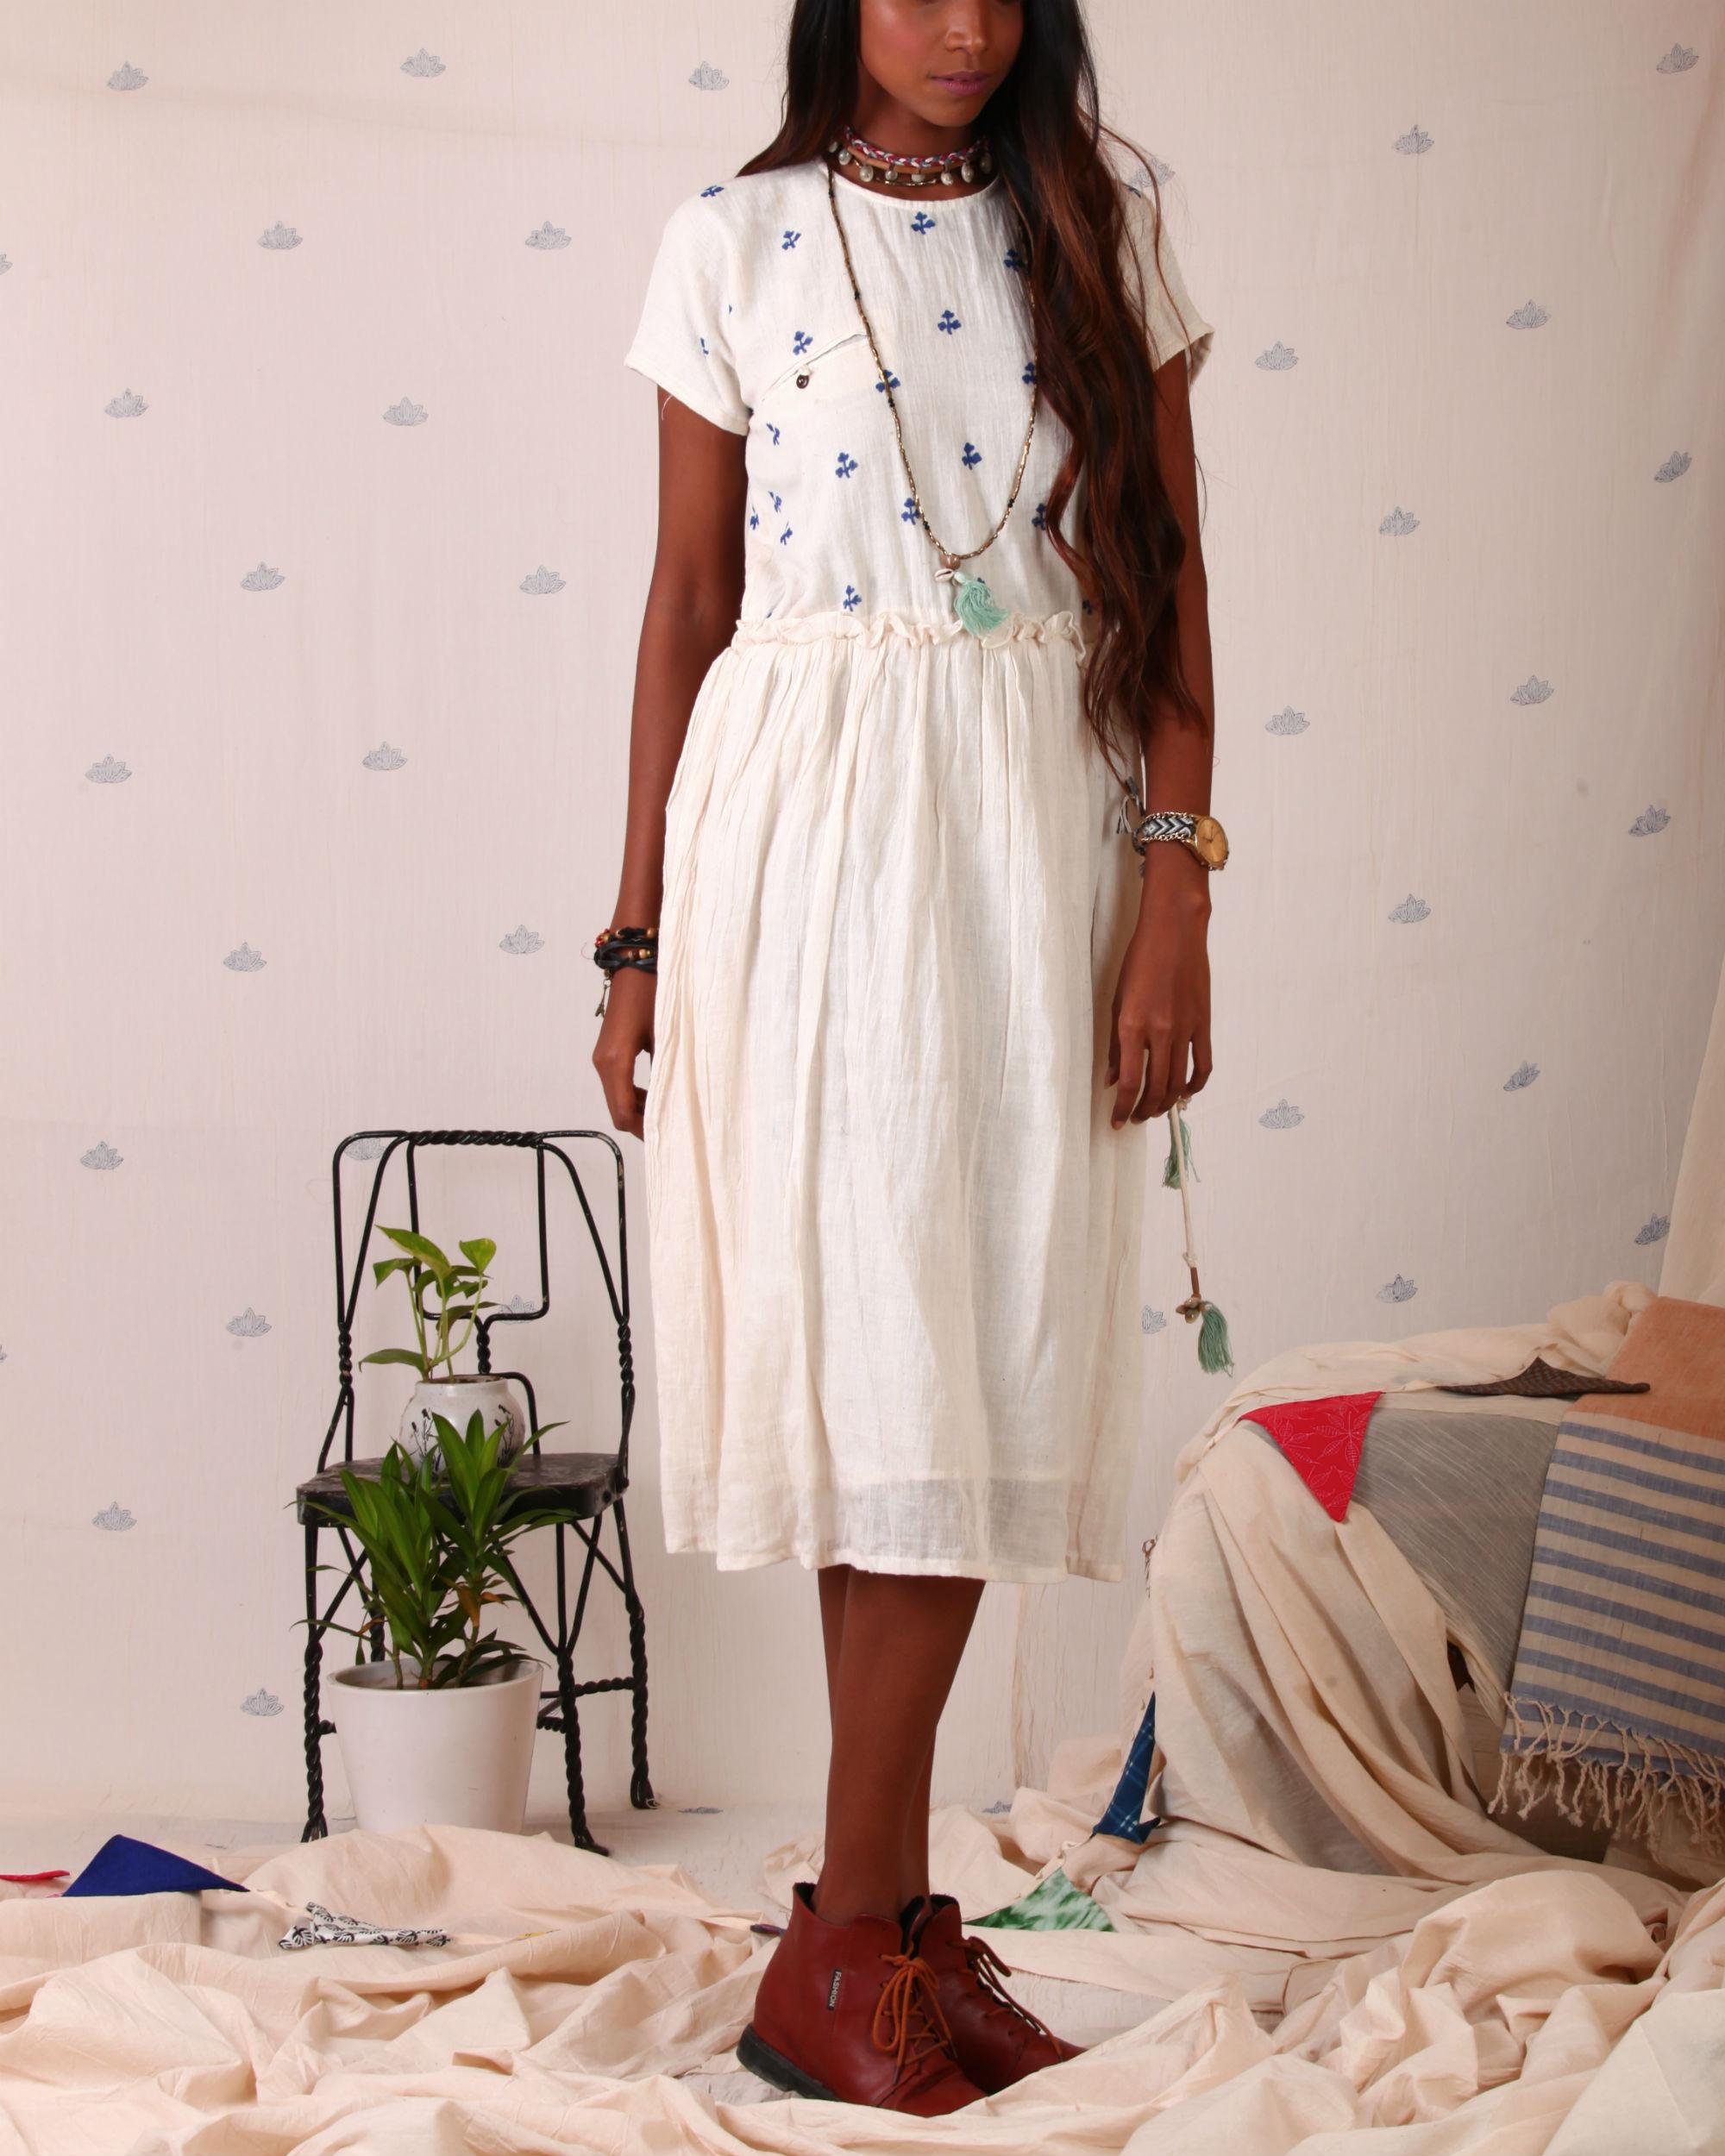 Block printed torso dress